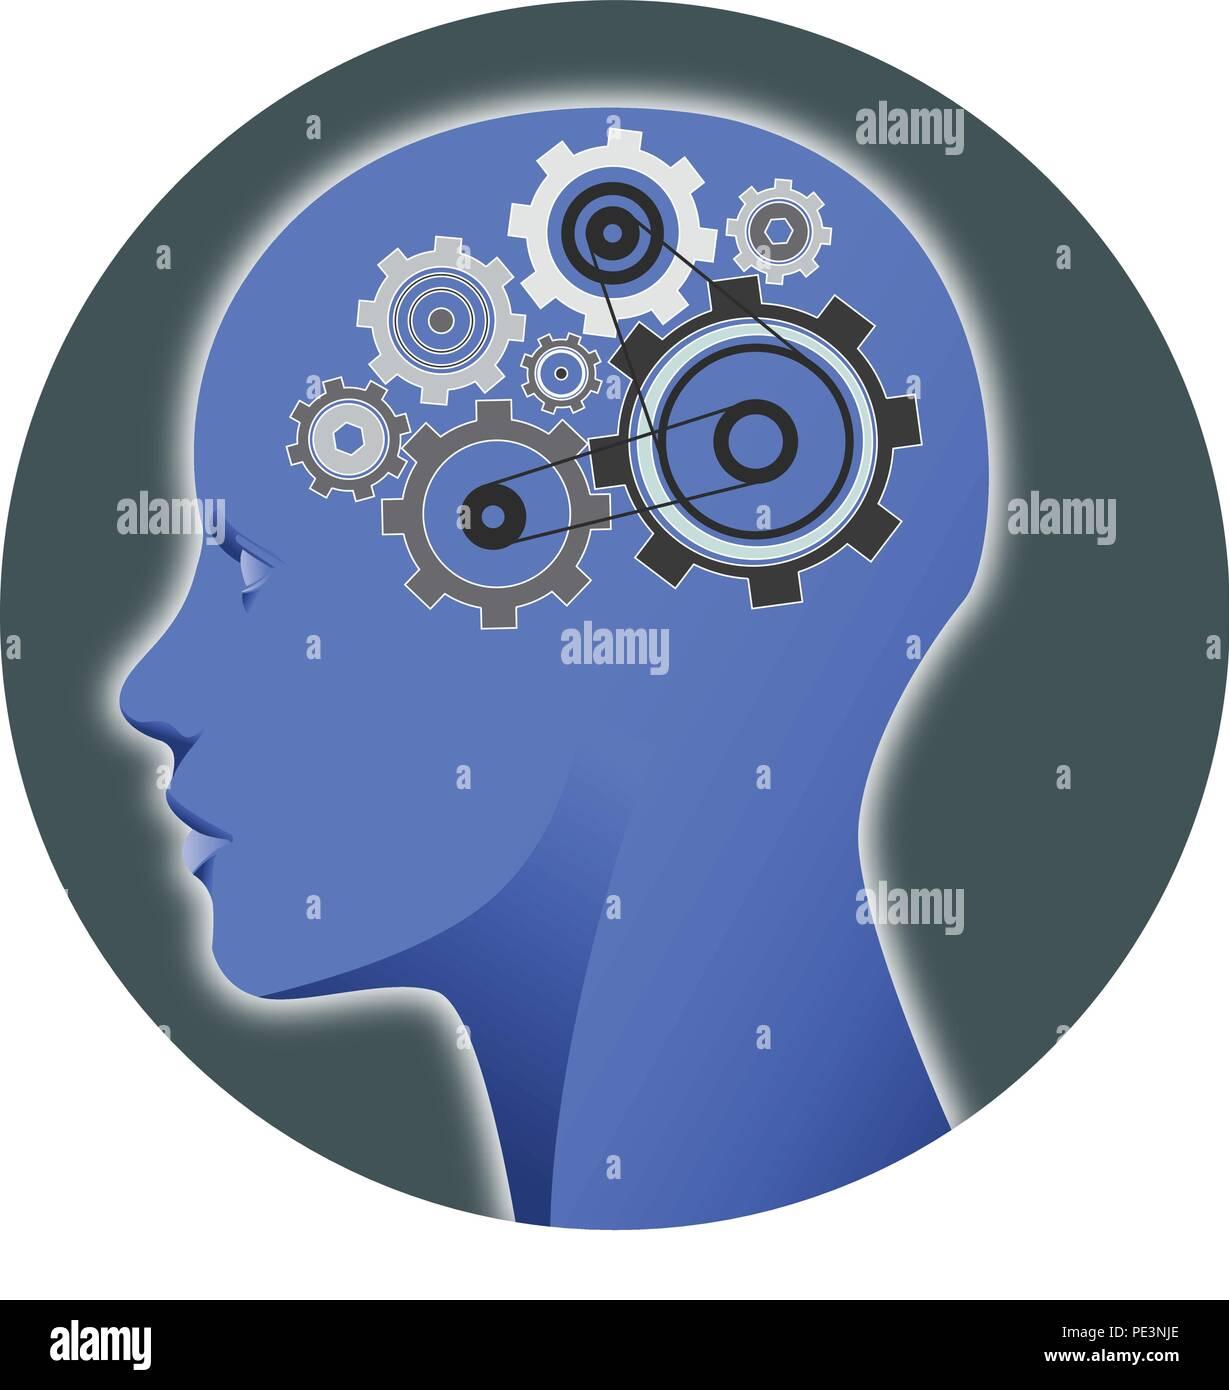 Ilustración: una cabeza humana con dientes, representando los procesos mentales Imagen De Stock